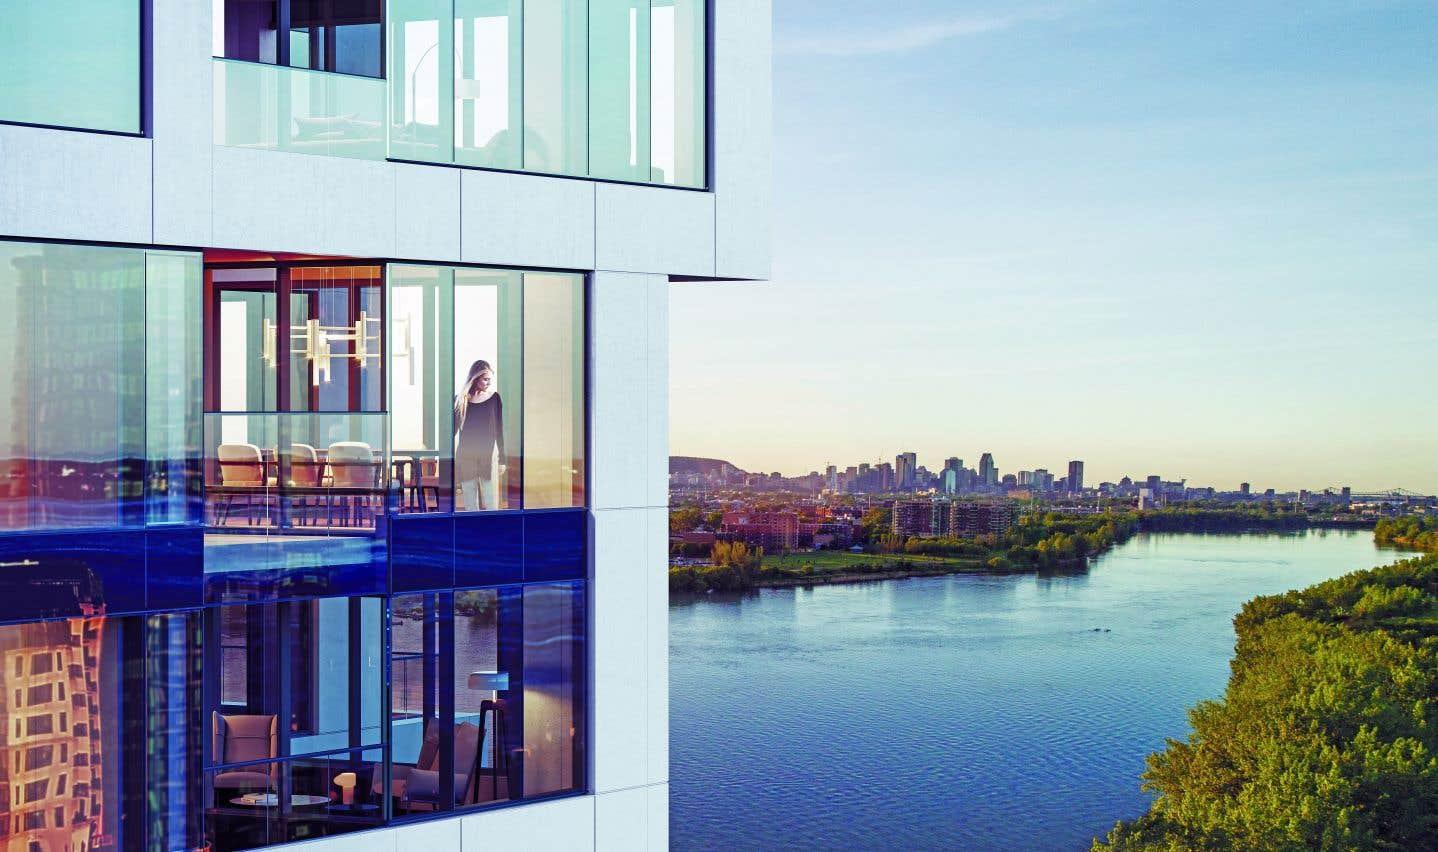 La majorité des 240 appartements du projet bénéficieront de perspectives imprenables sur la ville ou sur l'eau.